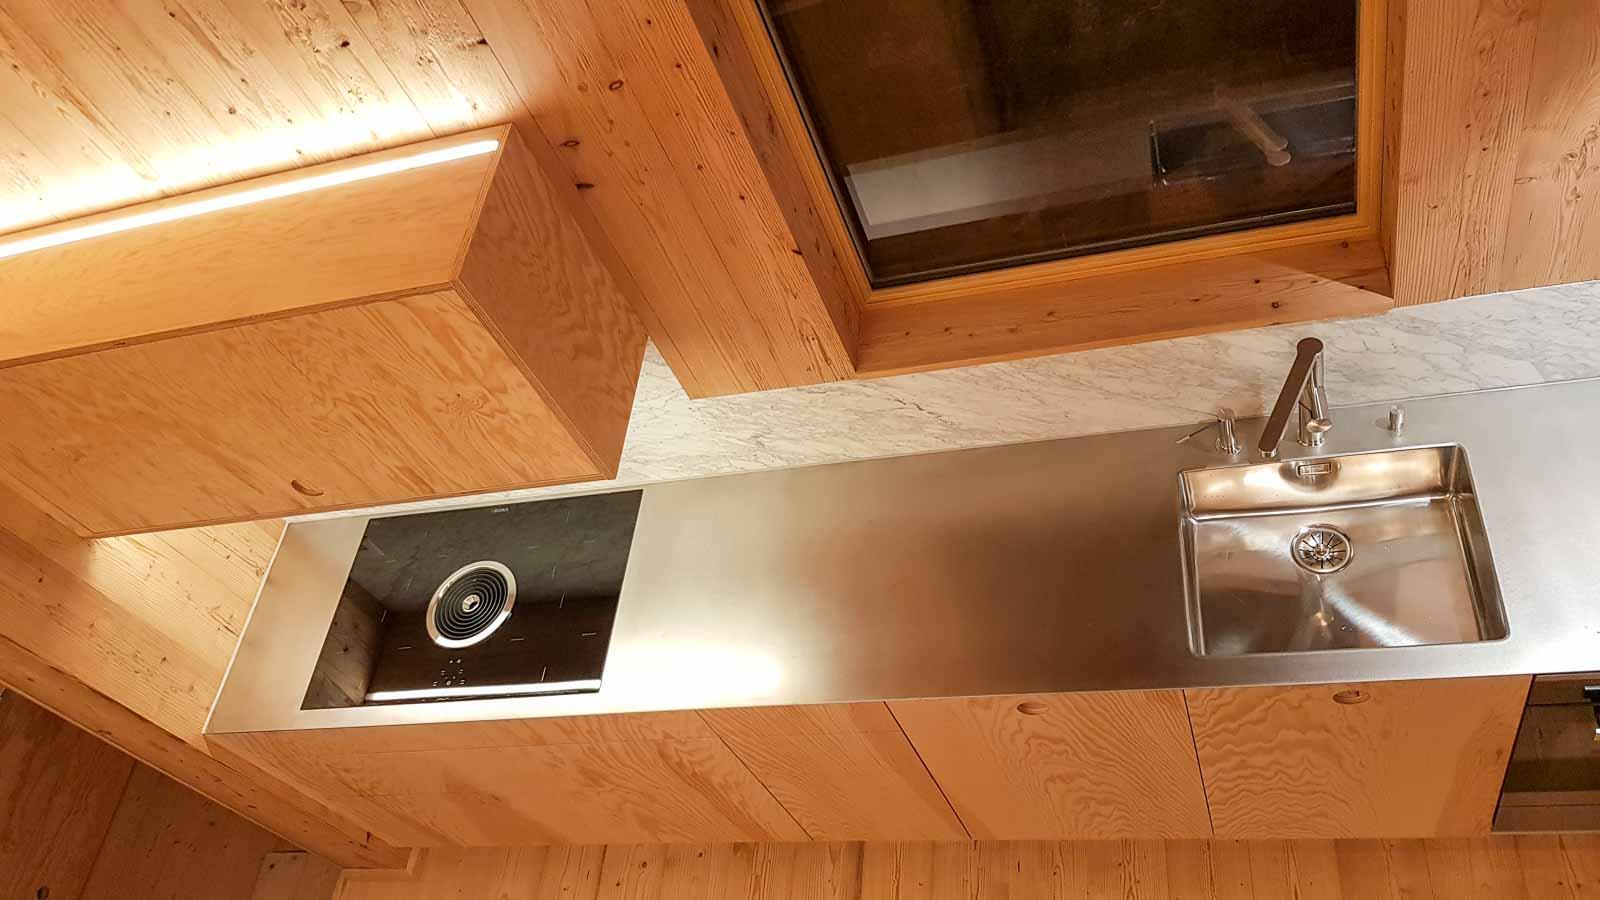 Wooddesign_Holzdesign_Innenausbau Ferienhaus_Altholz_Ferienwohnung_Ferienchalet_Schwarzsee_ Umbau (31)